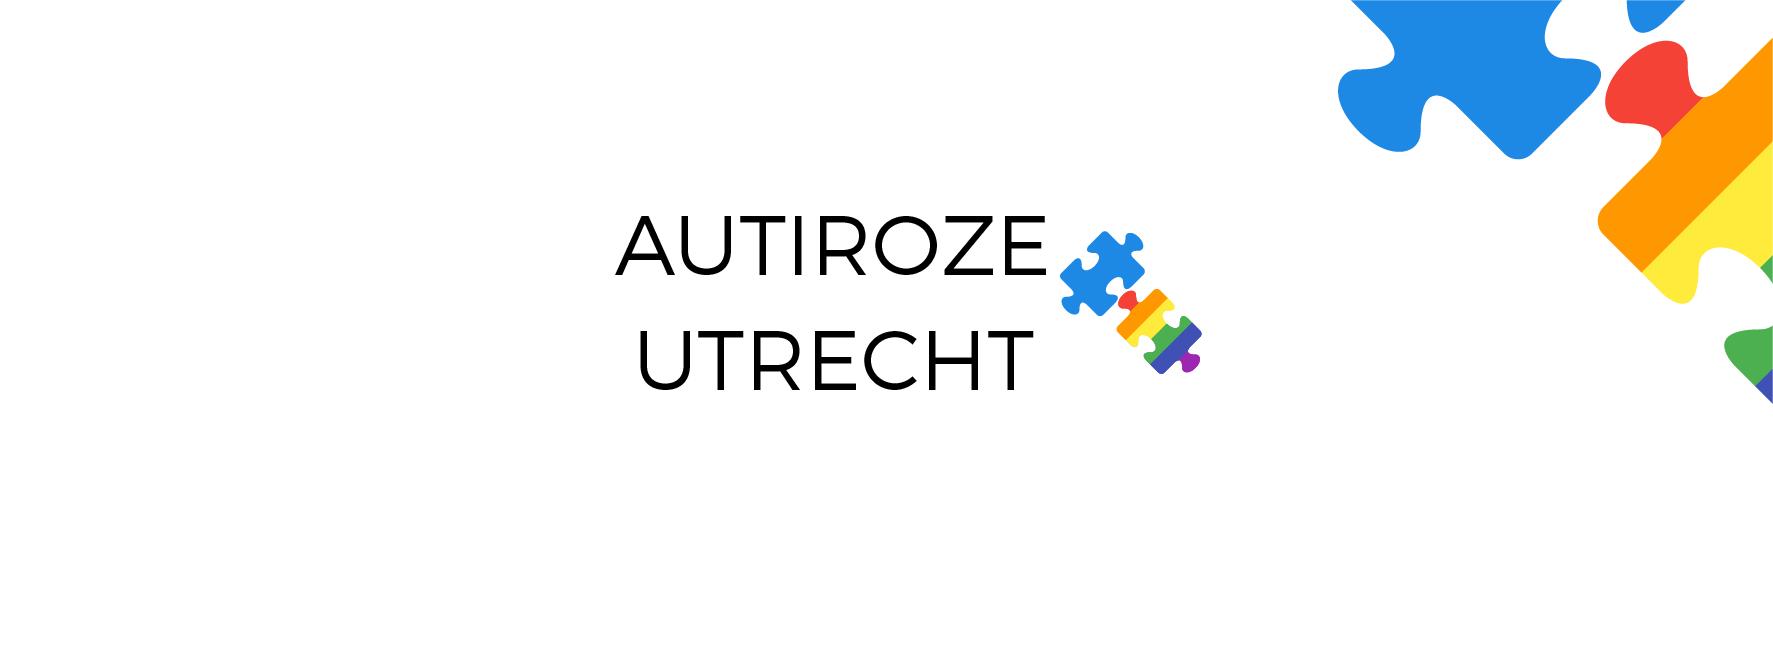 Autiroze Utrecht 01 bij COC Midden-Nederland